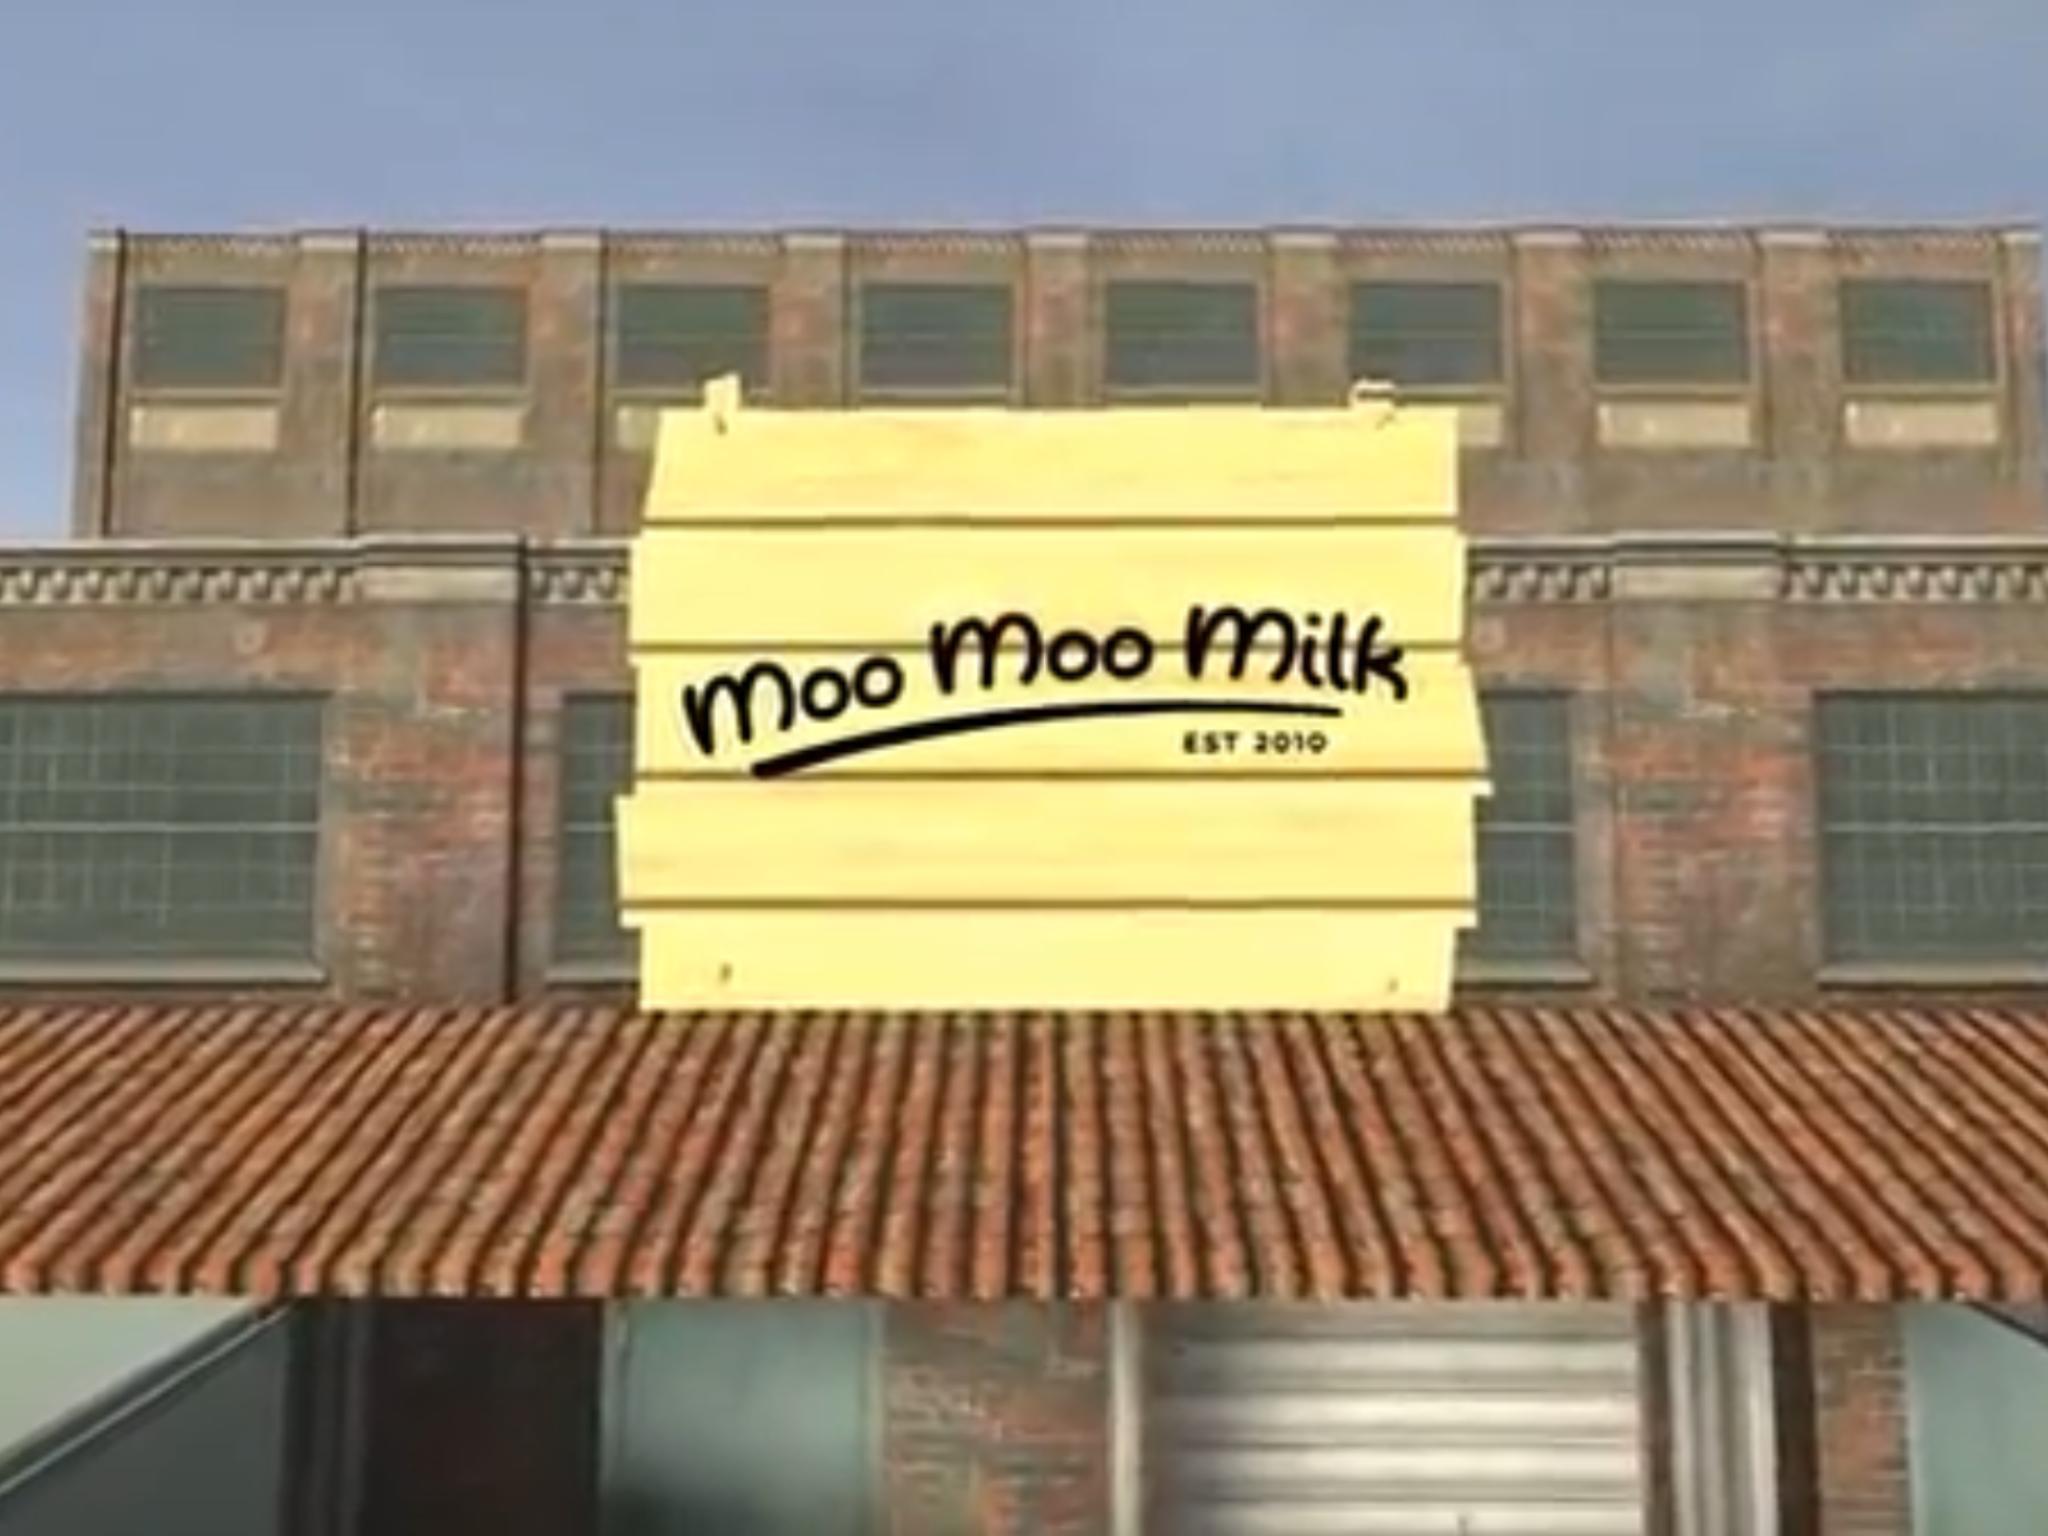 Moo Moo Milk